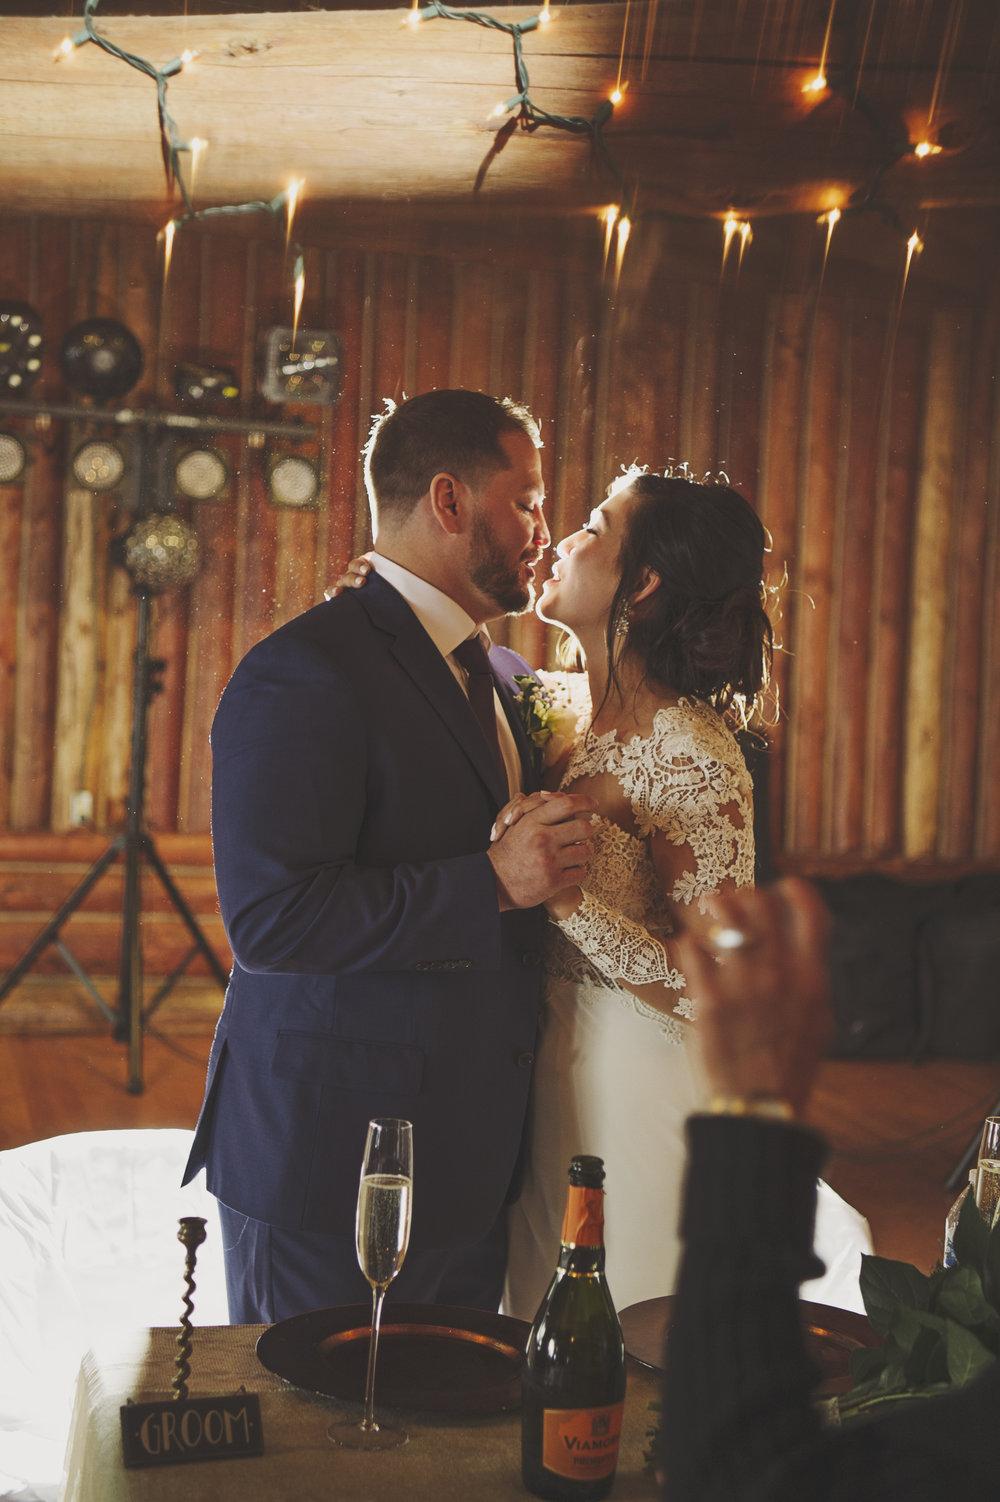 Kim La Plante + Nick Samet_Poulsbo Wedding_Kitsap Memorial Park Wedding_Kelsey Lane Photography-9824 copy.jpg